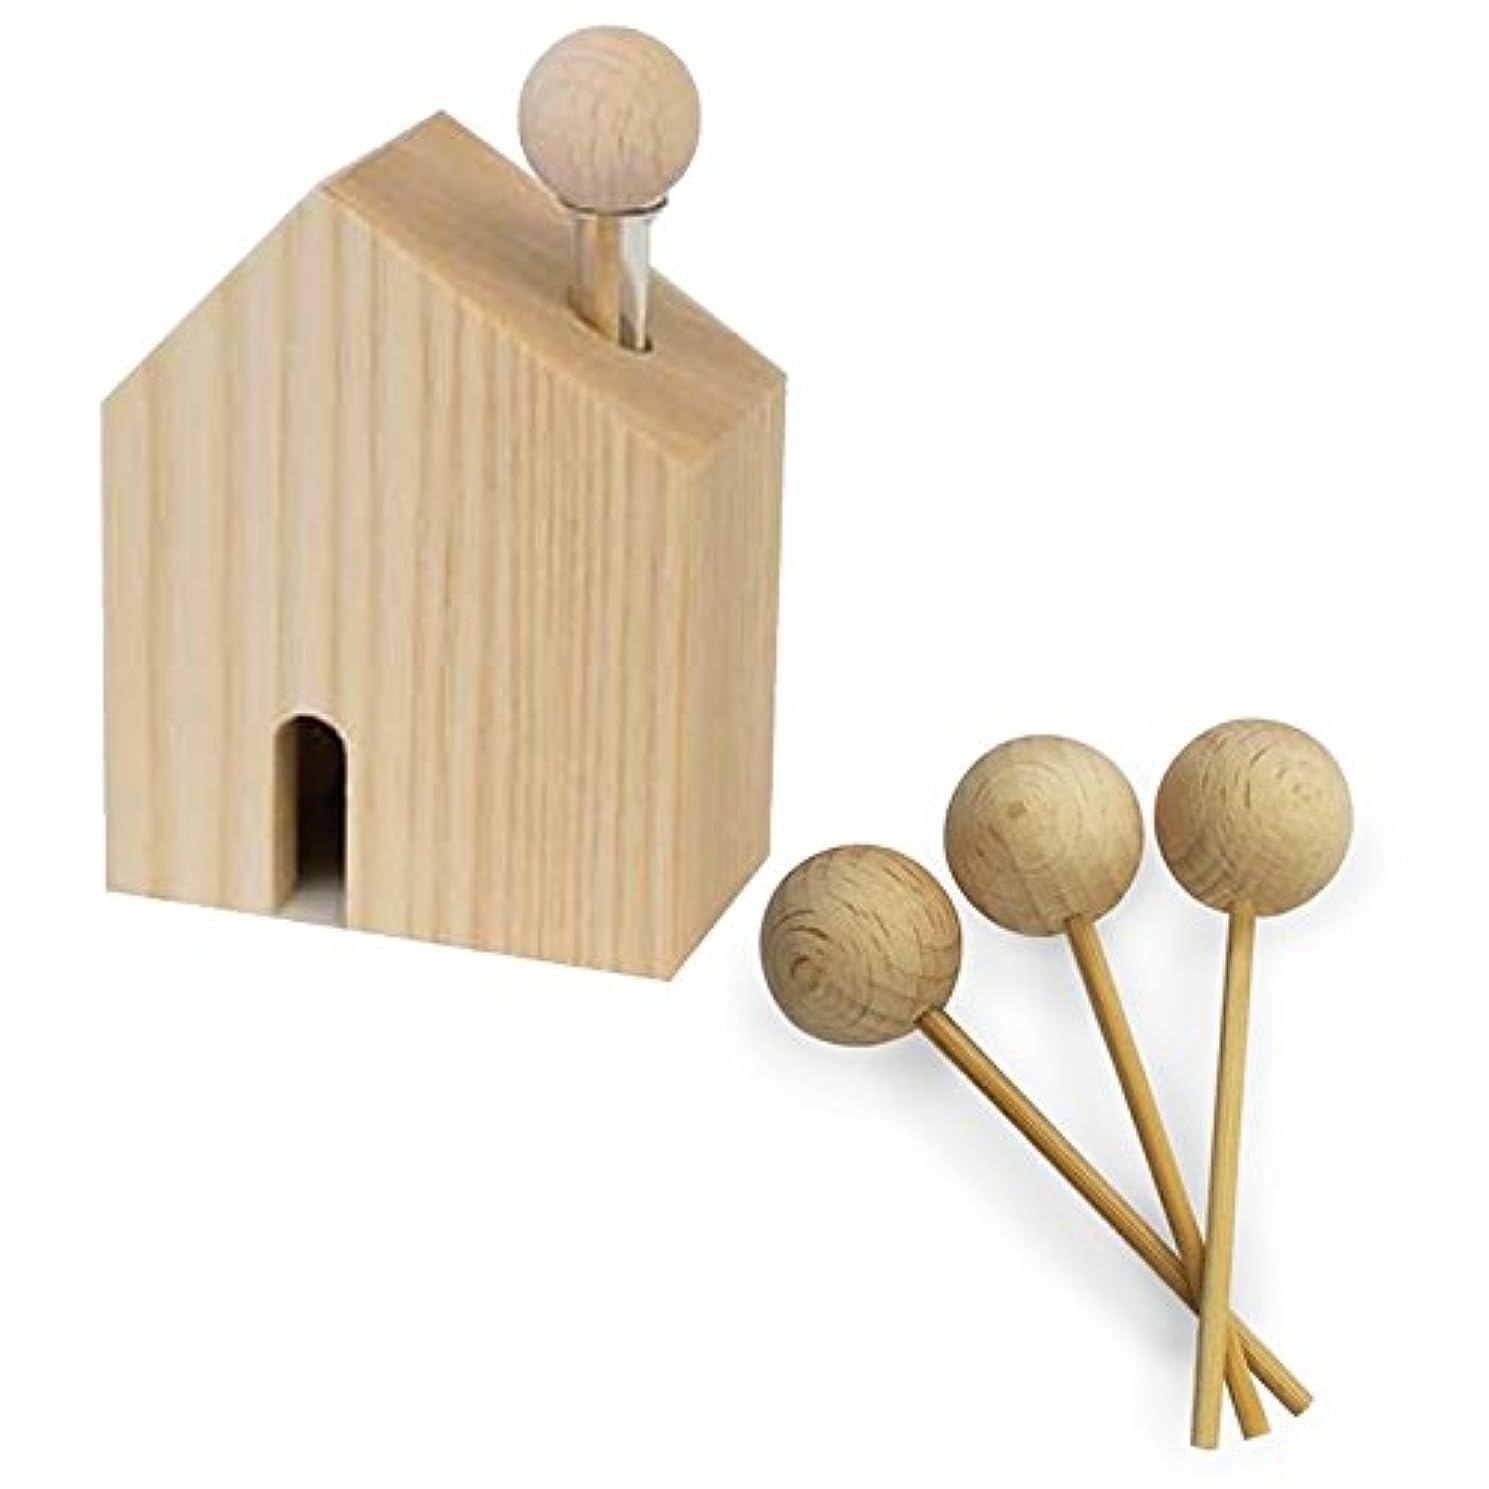 排他的せせらぎ累計HARIO ハリオ アロマ芳香器 木のお家 交換用木製スティック3本付